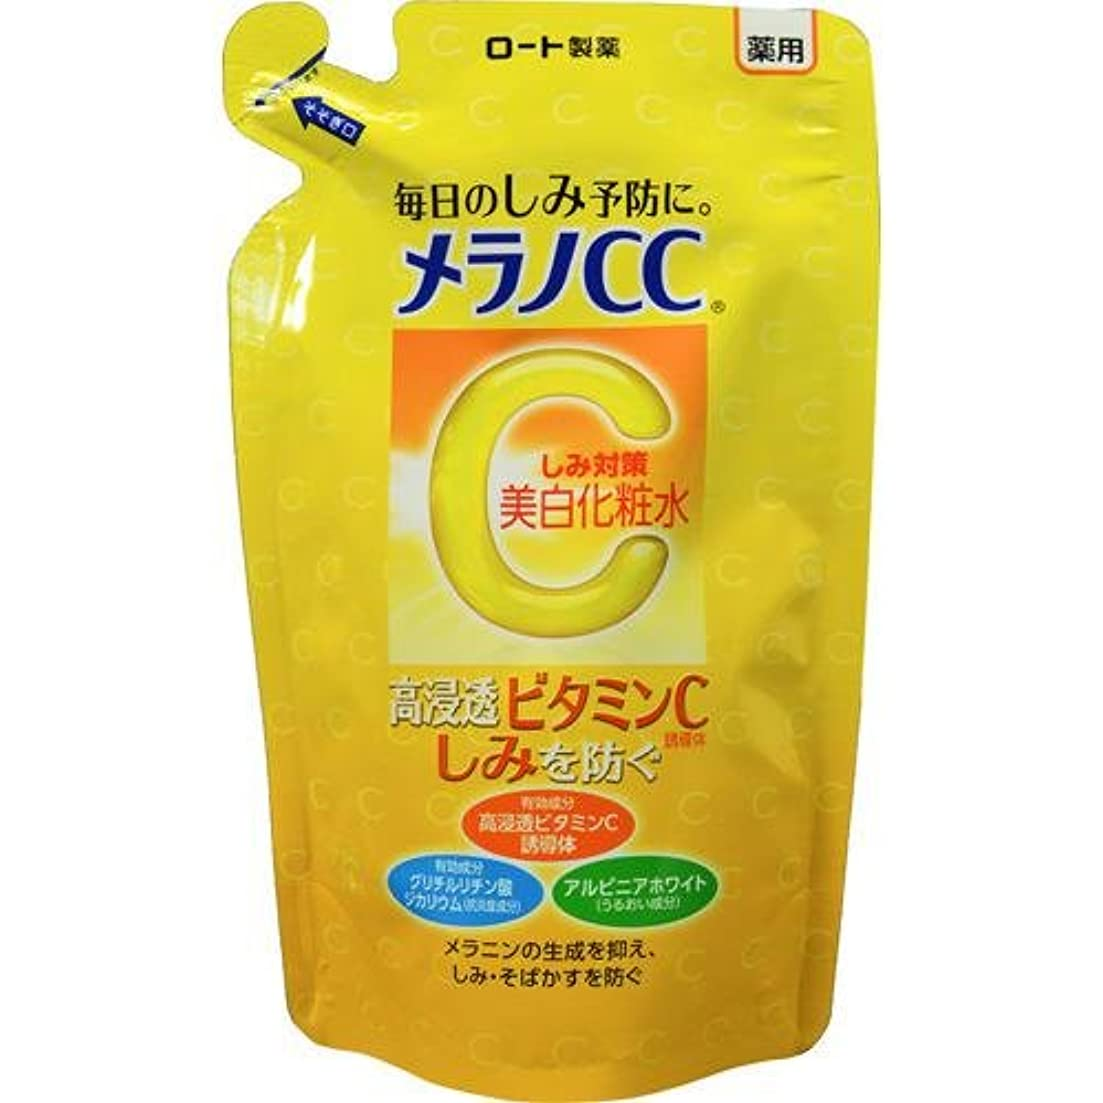 羽黒板弓メラノCC 薬用しみ対策美白化粧水 つめかえ用 × 3個セット